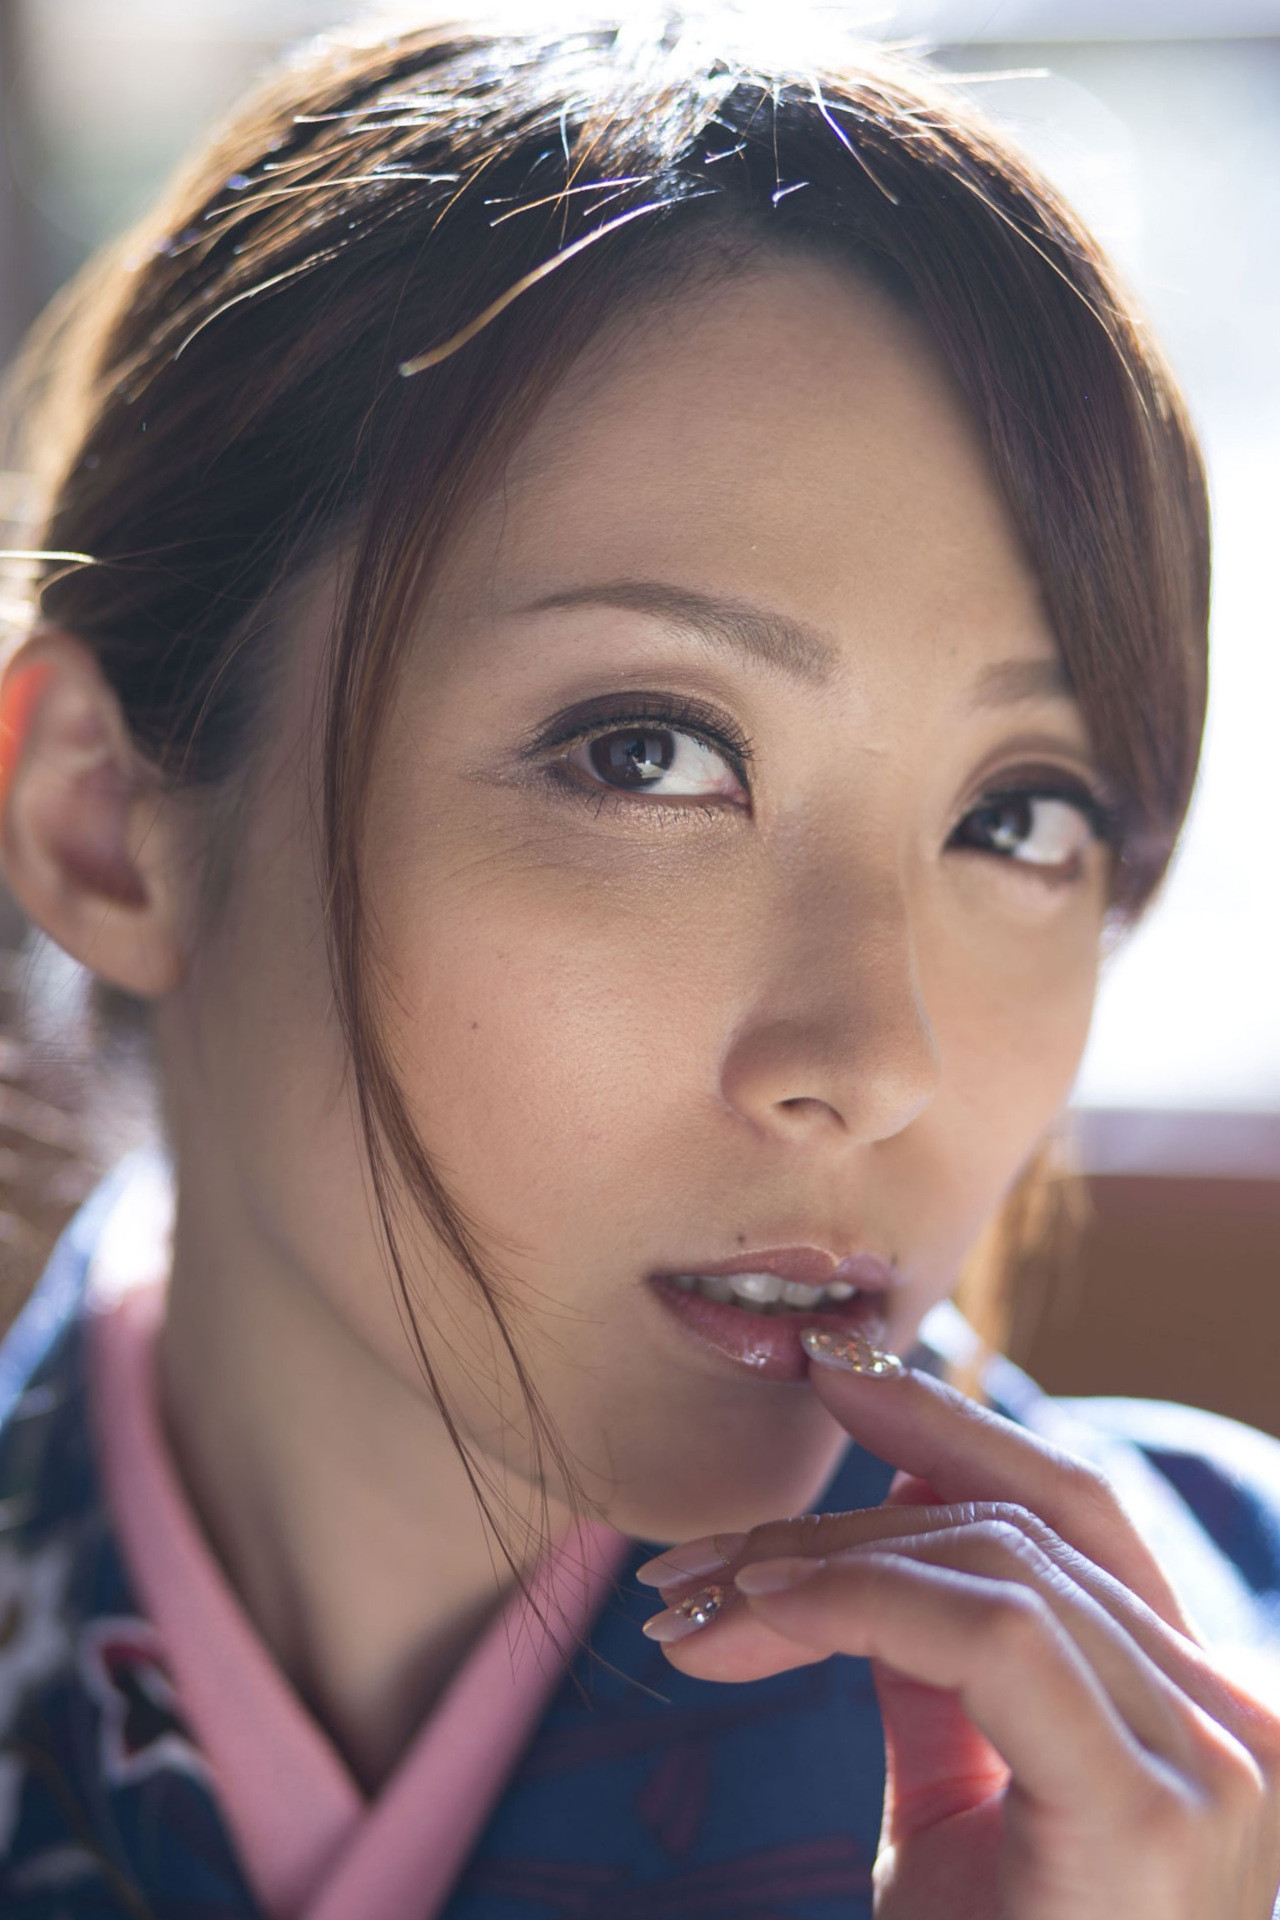 和風美人 白木優子 画像 11